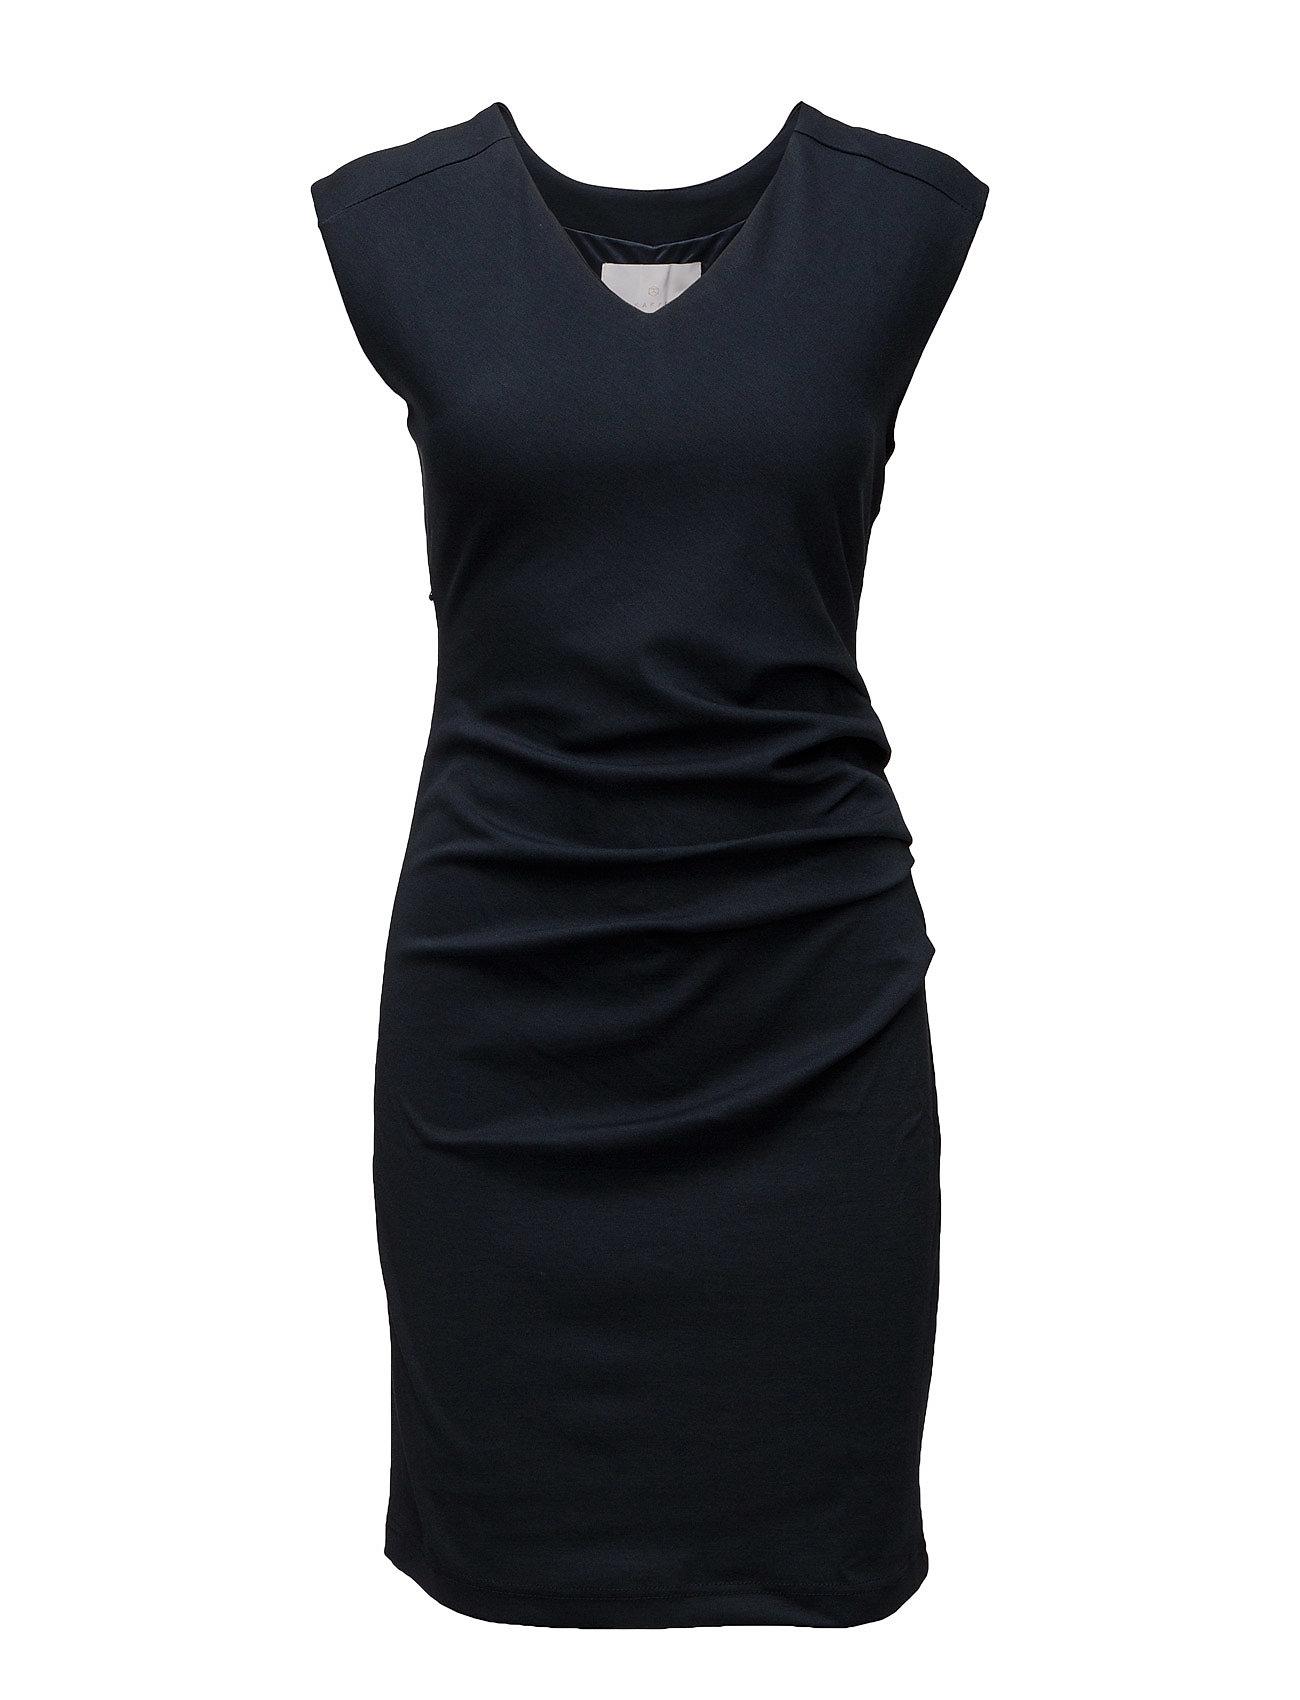 Image of India V-Neck Dress Knælang Kjole Blå Kaffe (2395329751)